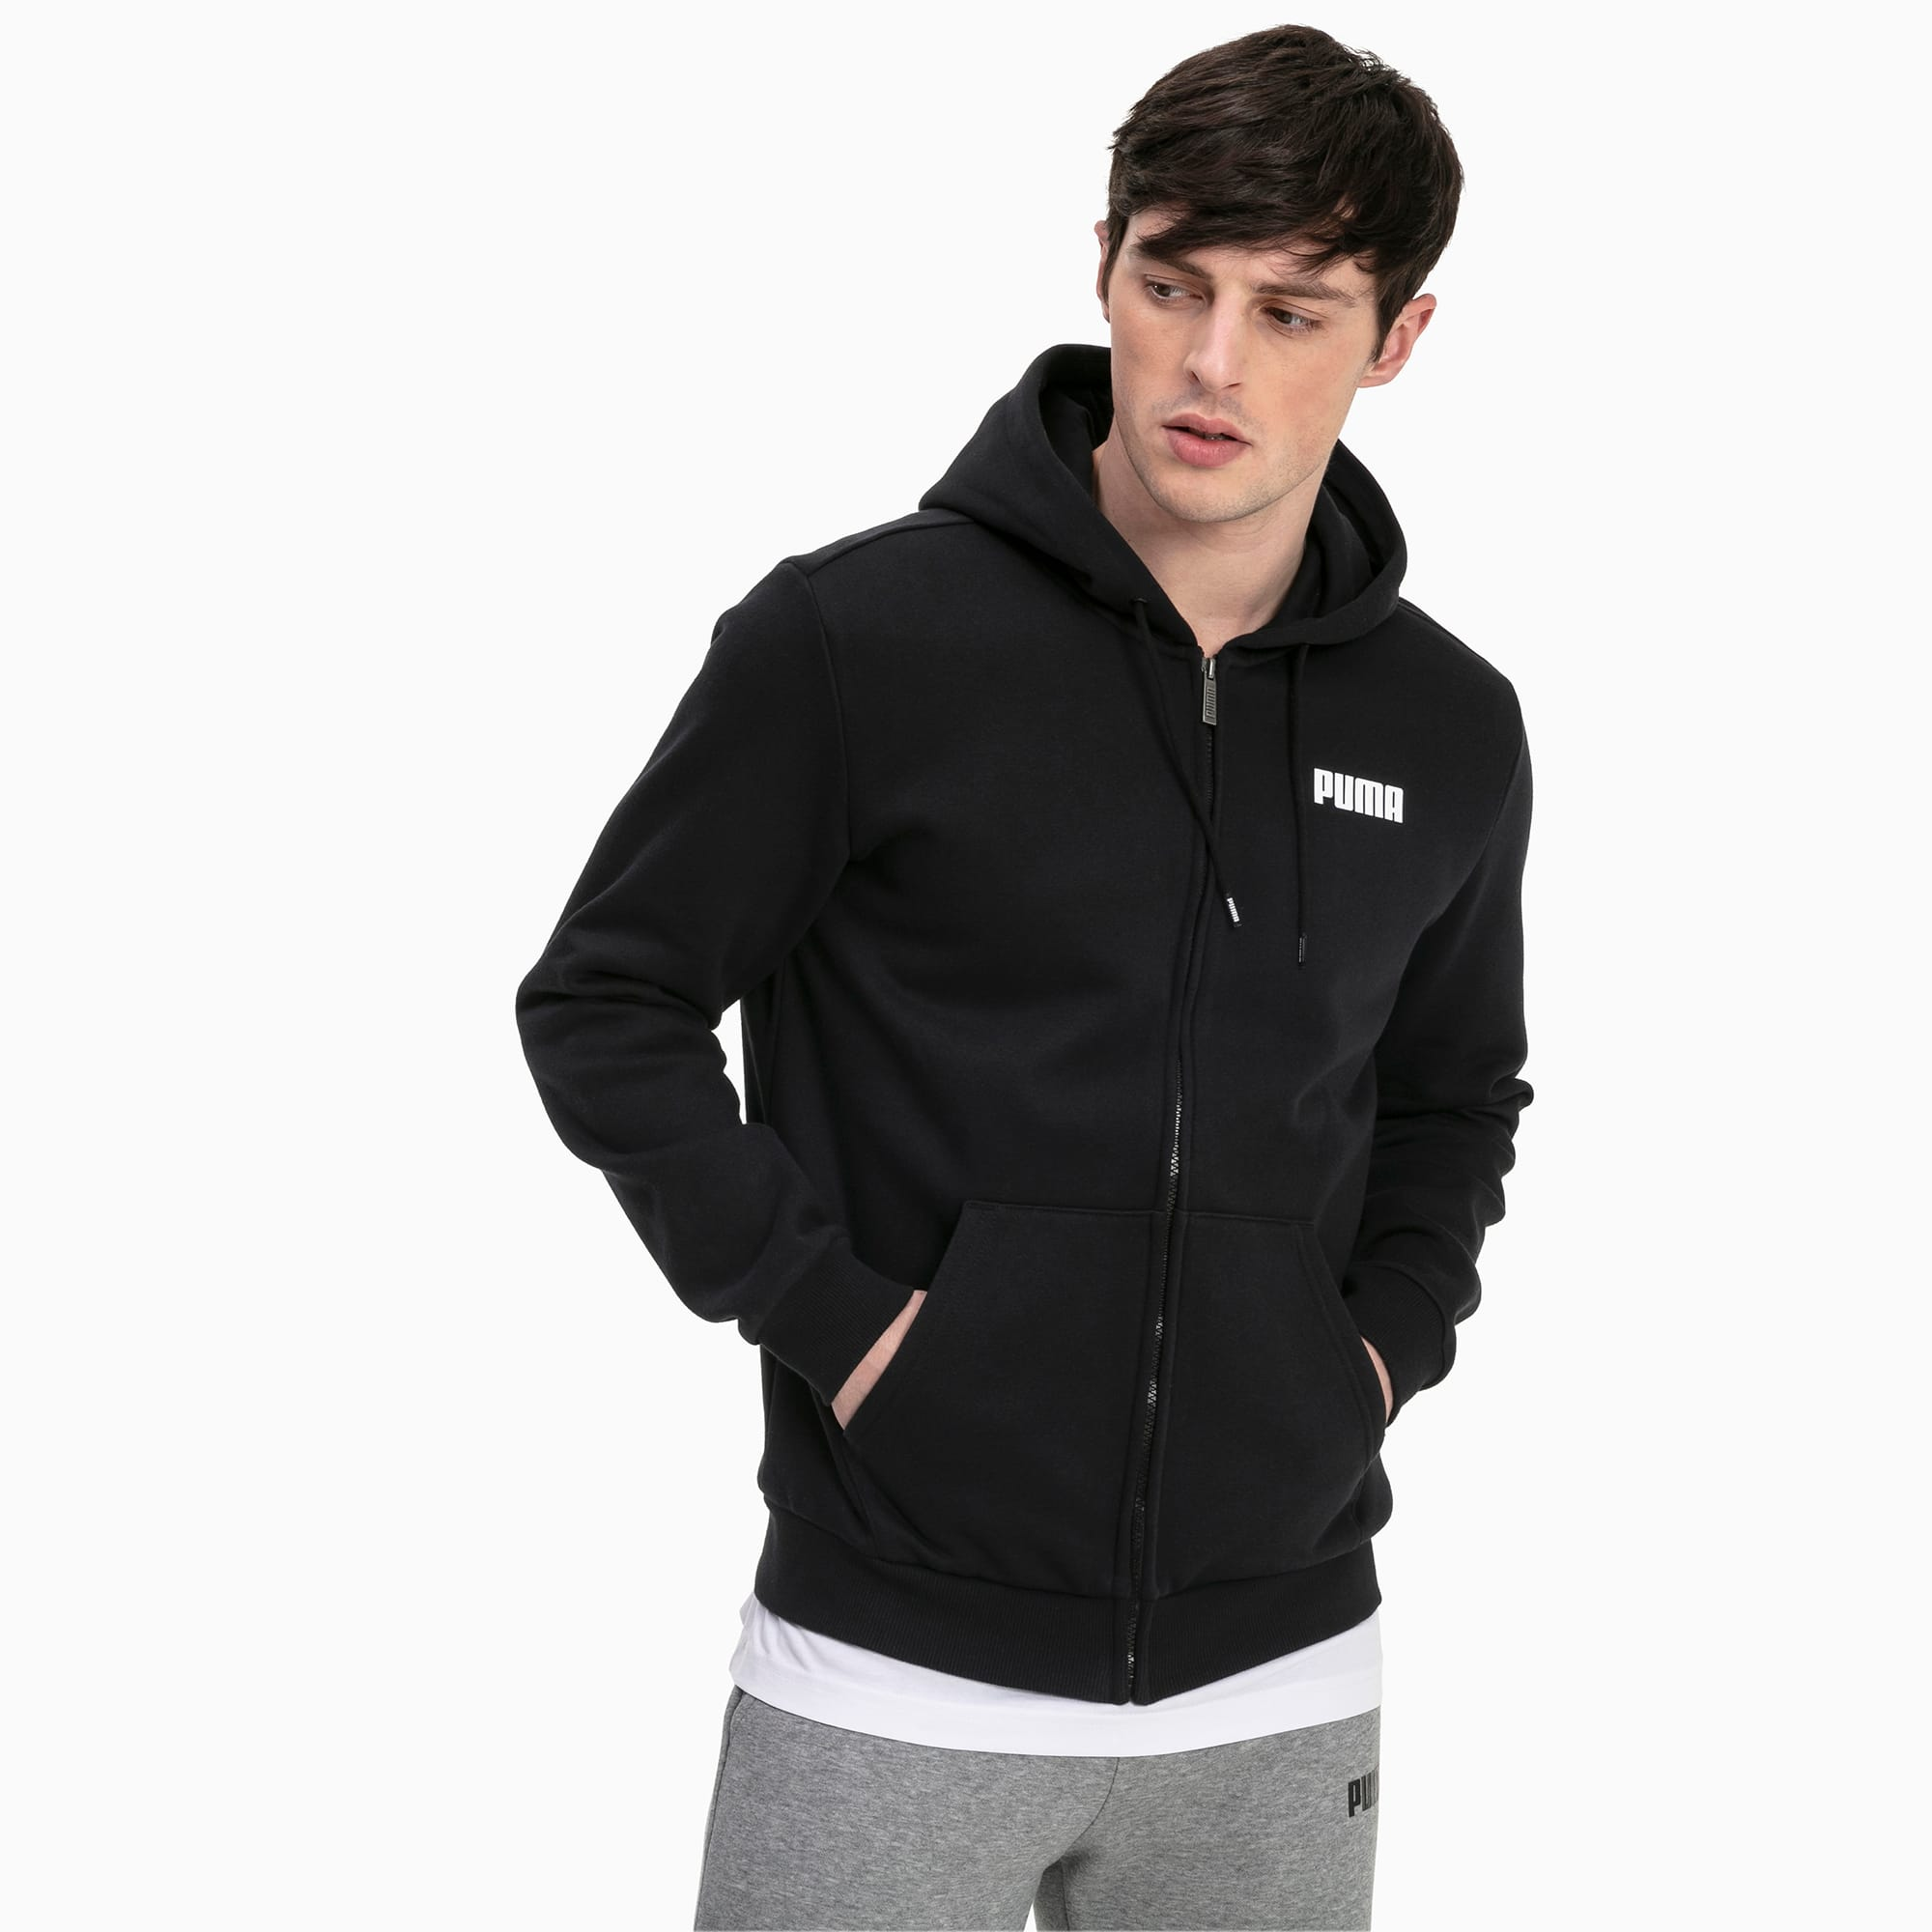 blouson en sweat essentials fleece à capuche, noir, taille xs, vêtements